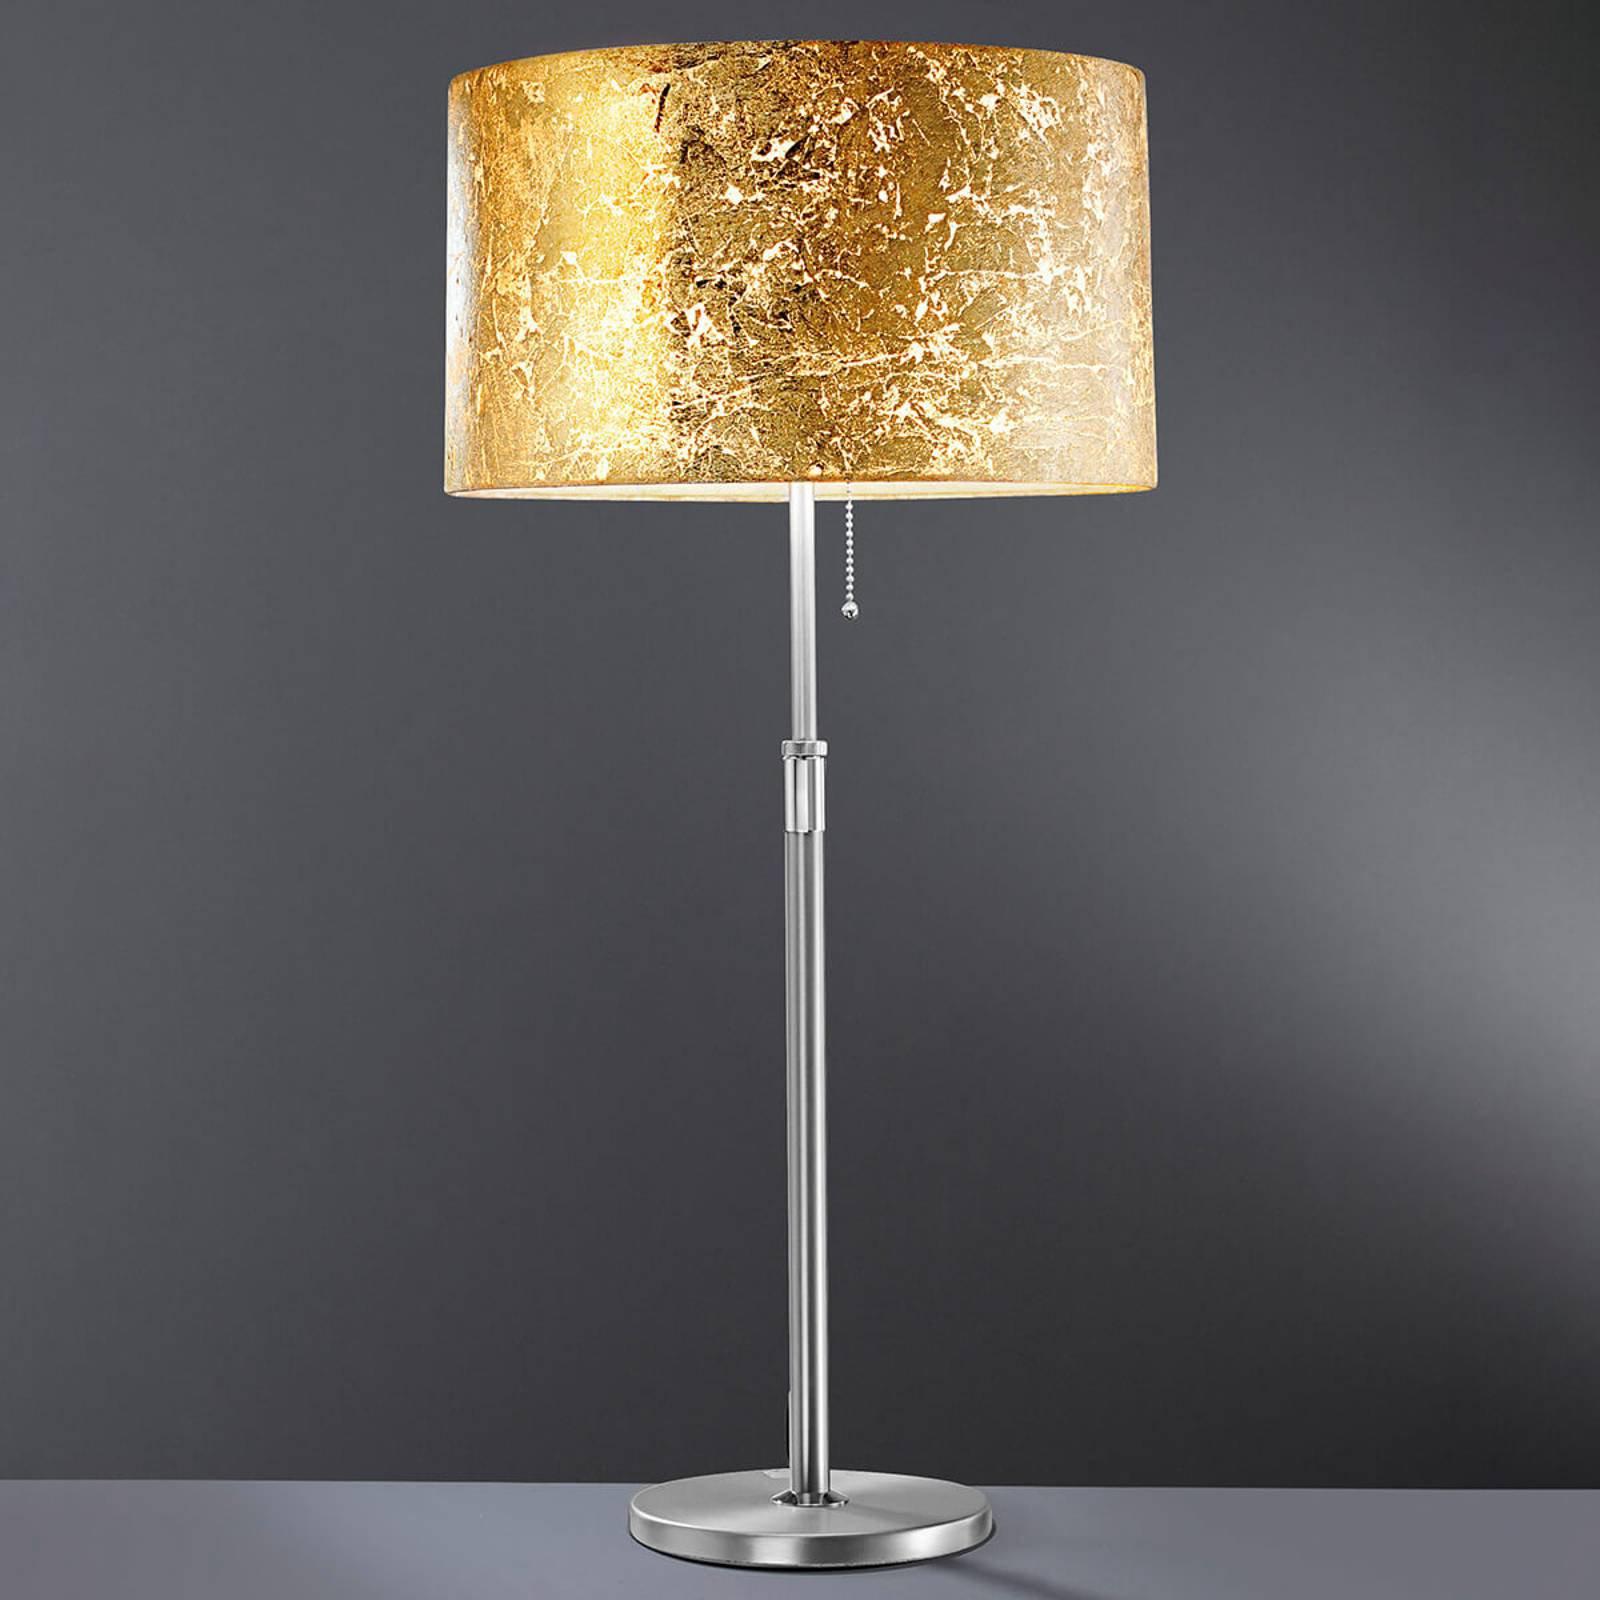 Loop - bordlampe med gullblad